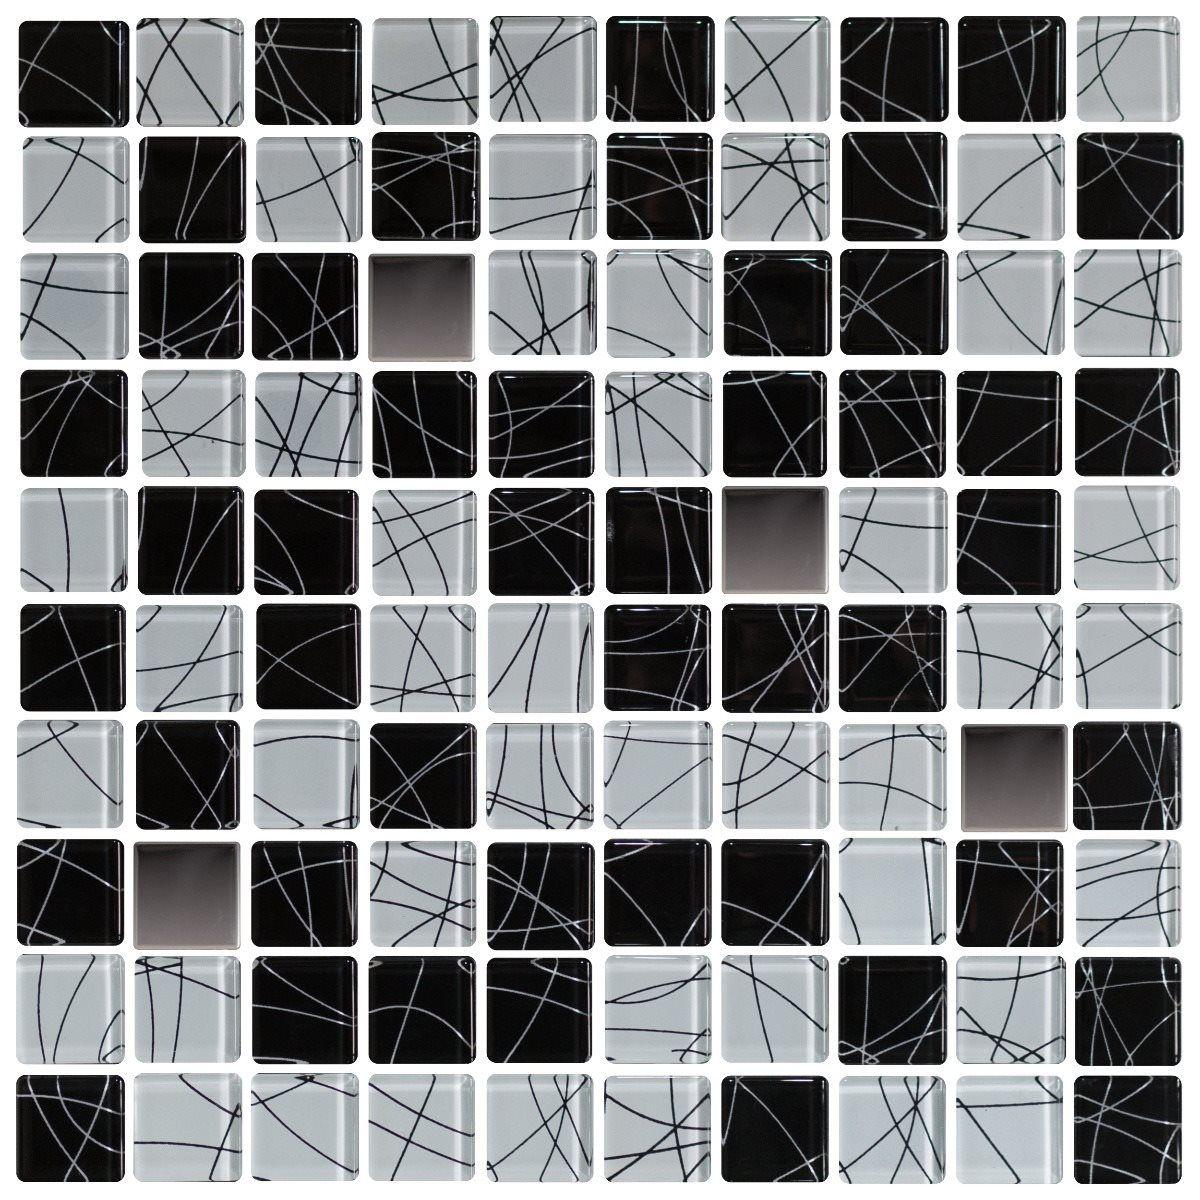 Pastilha de Vidro - 3x3 cm Decorado/Inox Polido - Vetrobello